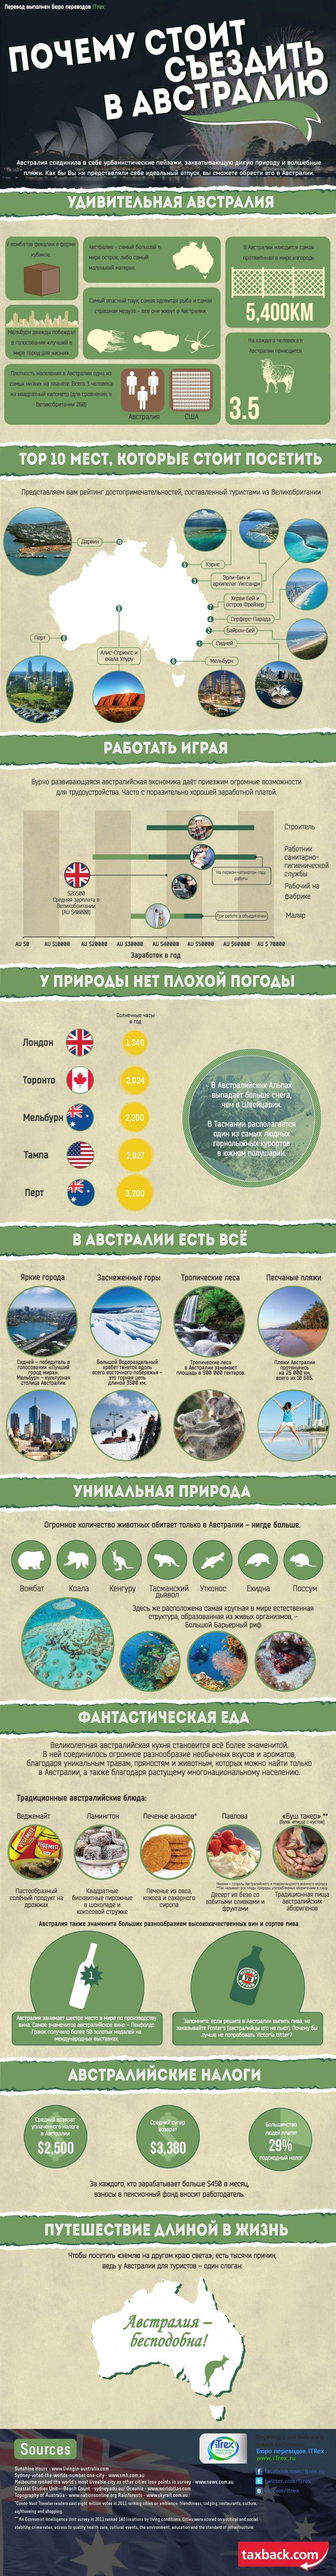 А вы уже были в Австралии? Возможно, после этой инфографики вы внесете её в план ближайших путешествий ;)  http://itrex.ru/news/pochemu_avstraliya